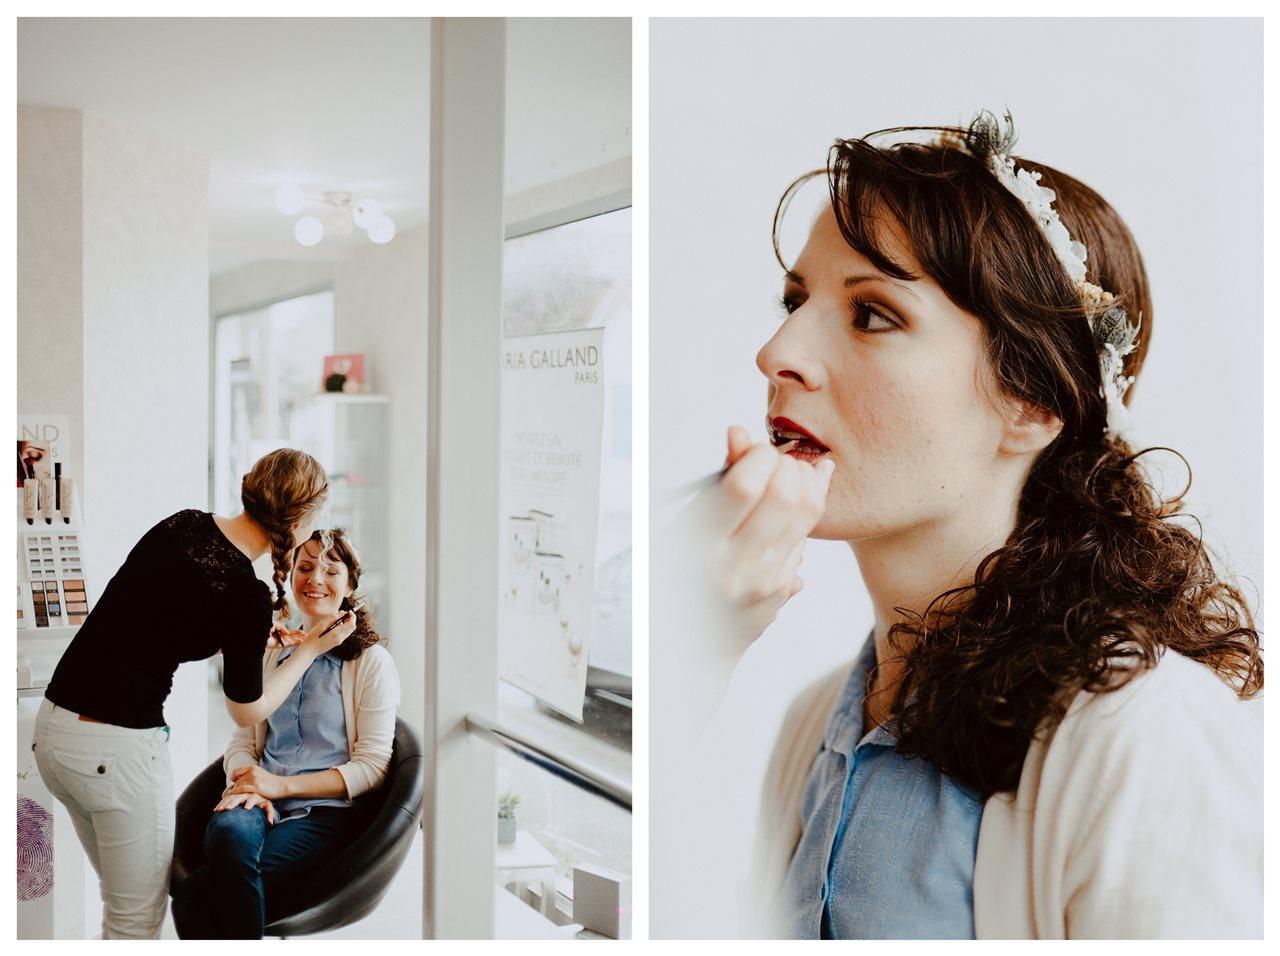 Mariage bohème nantes préparatifs mariée maquillage portrait